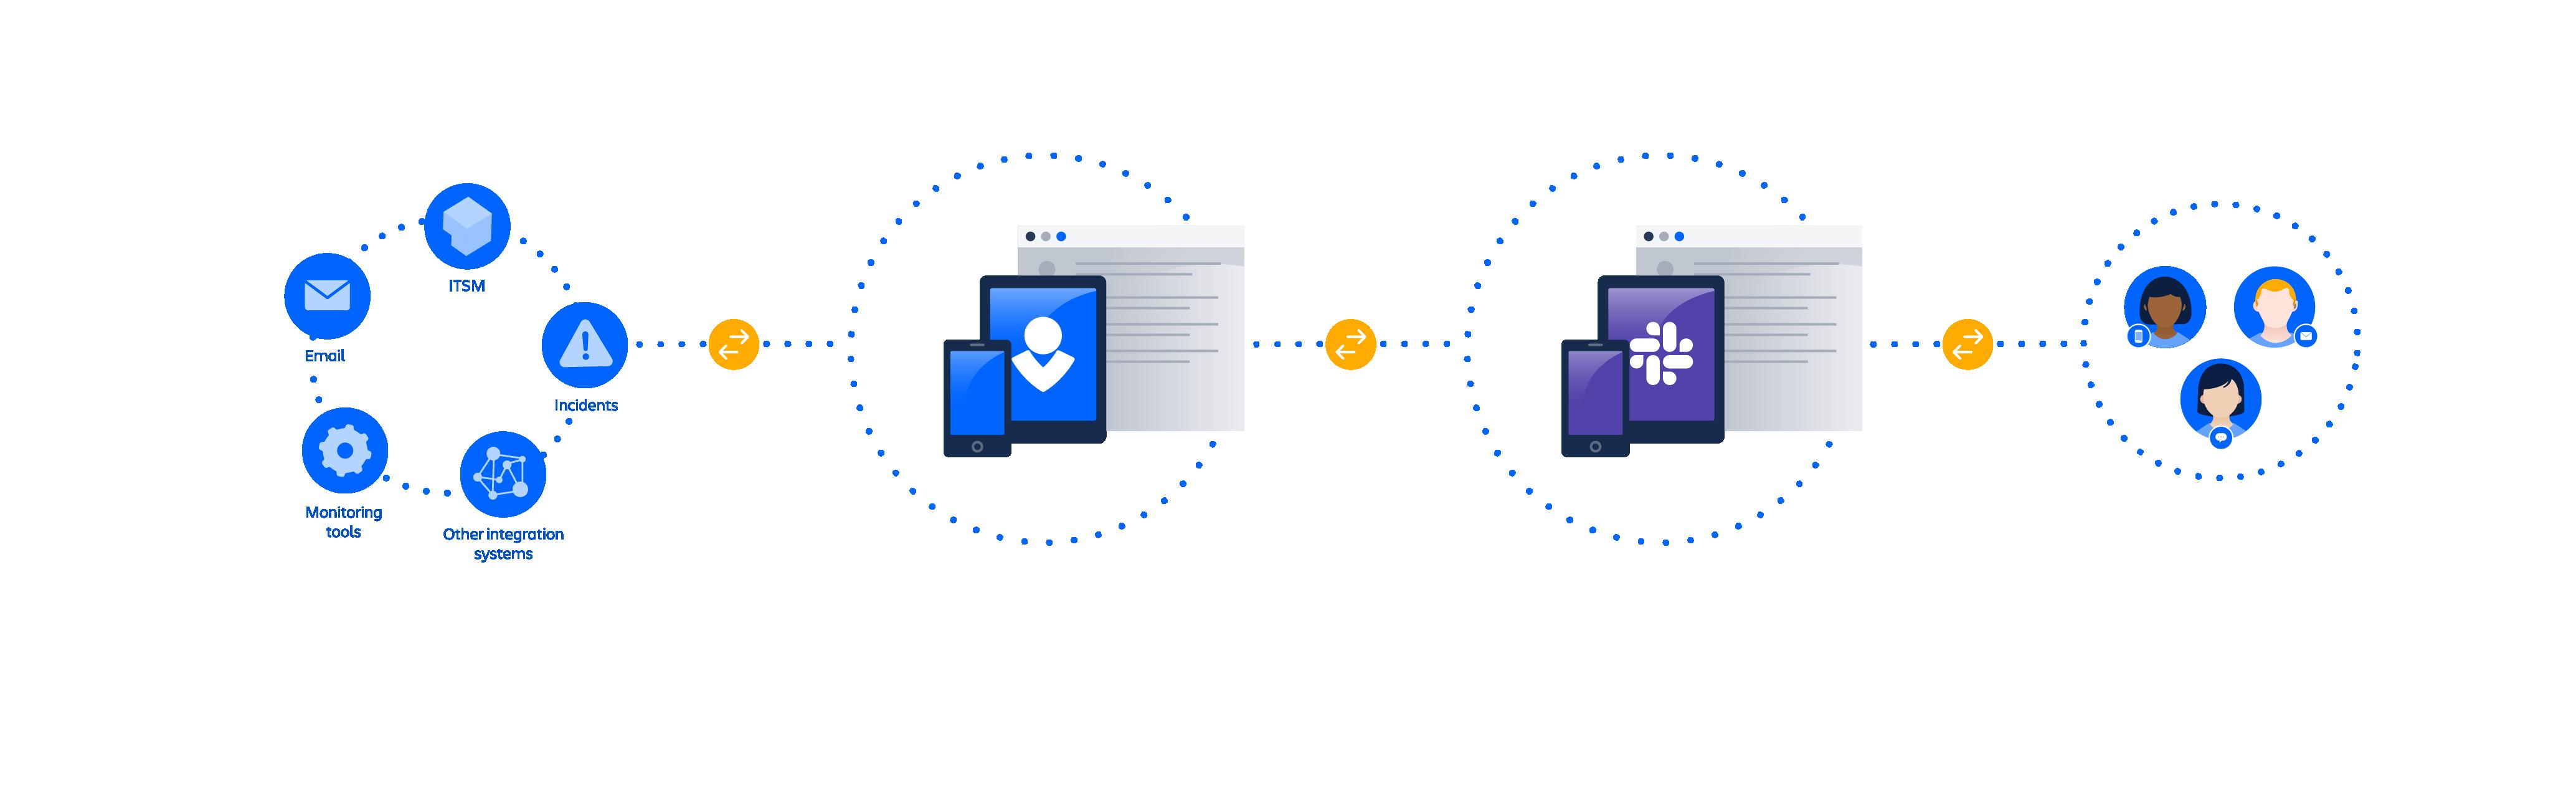 Diagramma dell'integrazione Slack